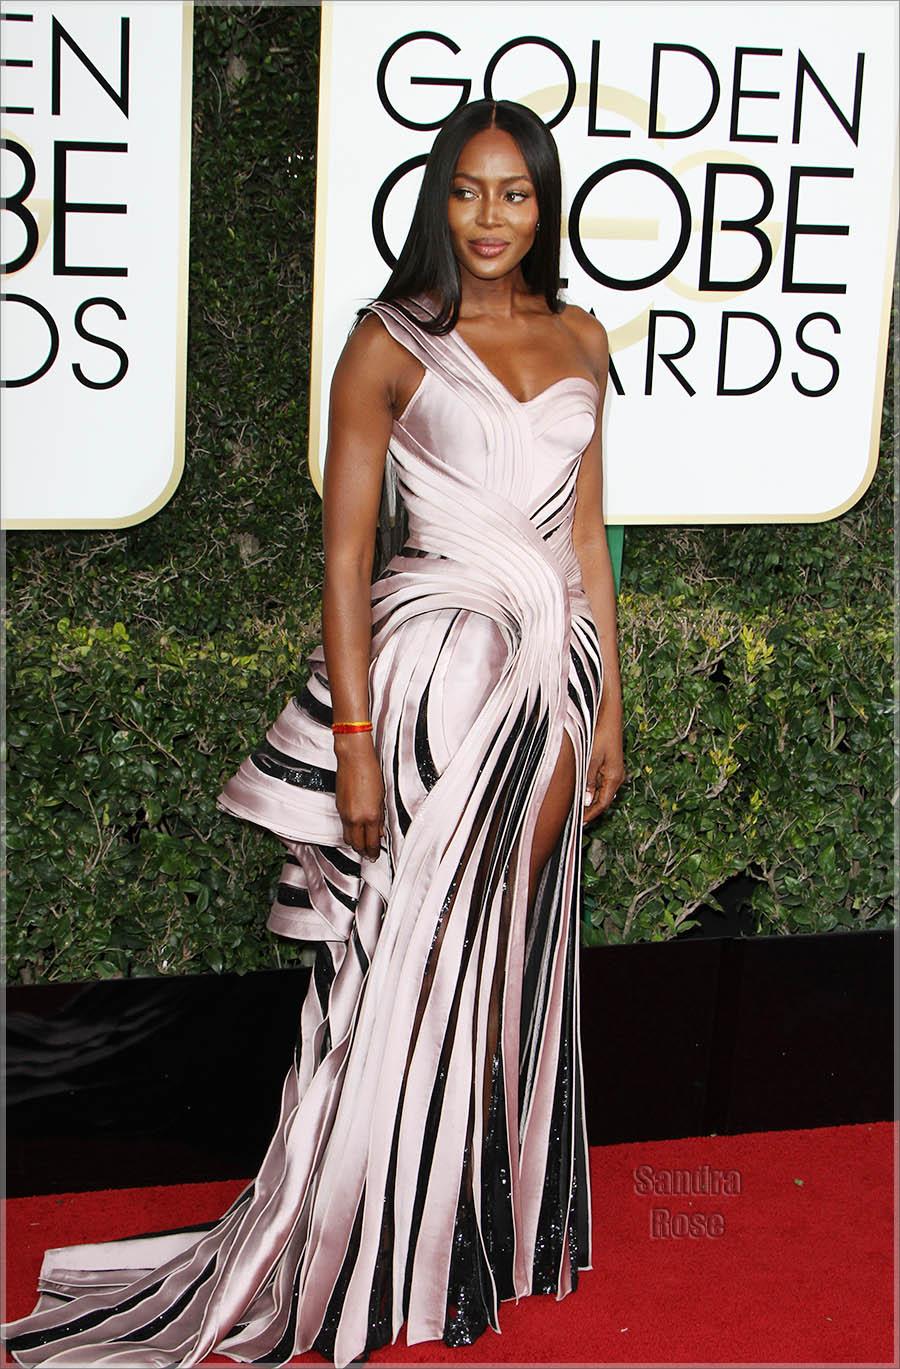 Naomi Campbell at Golden Globe Awards